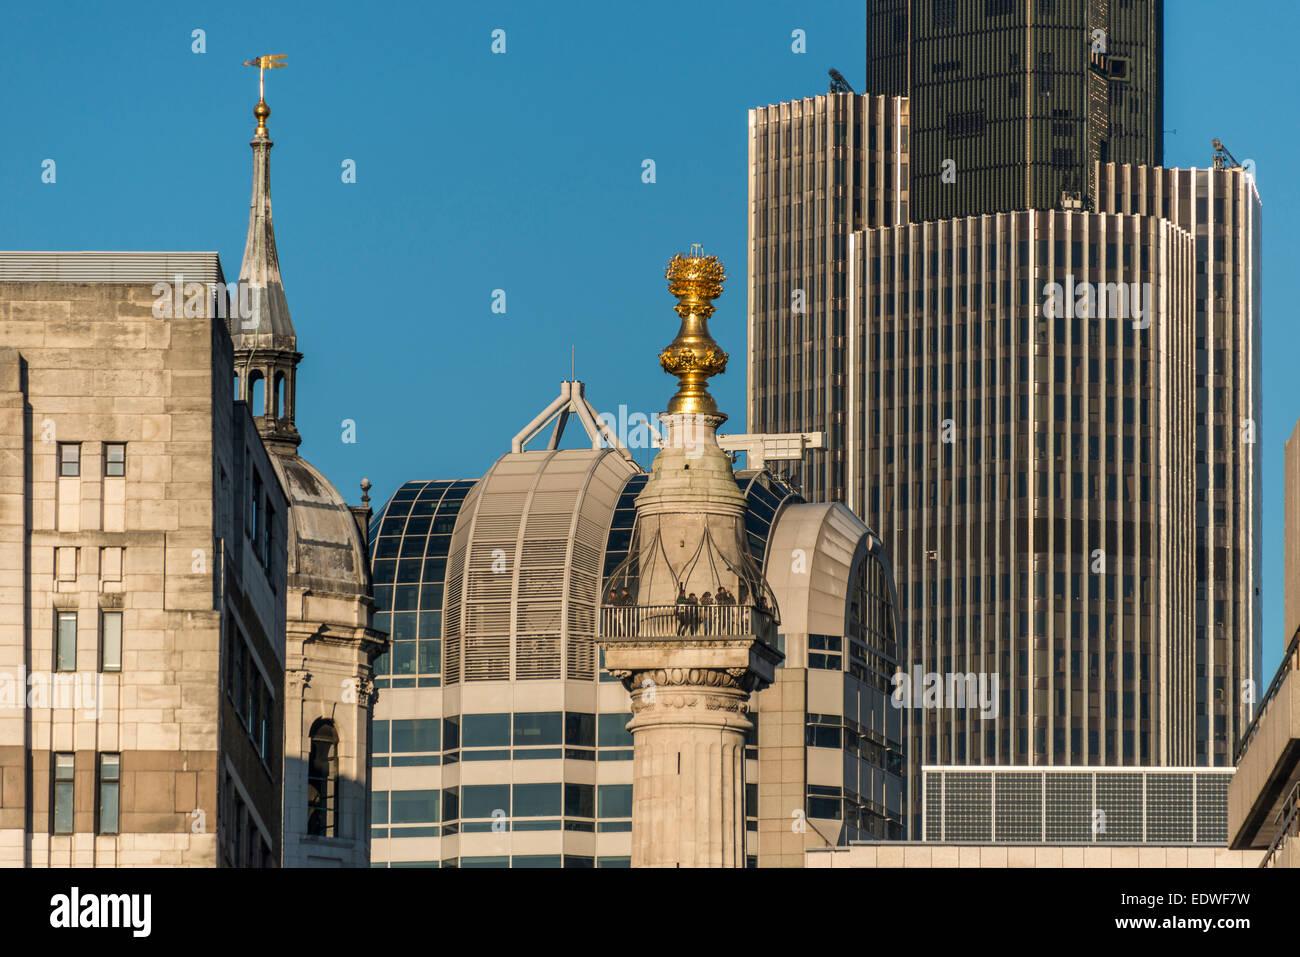 Das Denkmal für den großen Brand von London ist eine geriffelte dorische Säule in der City of London Stockbild